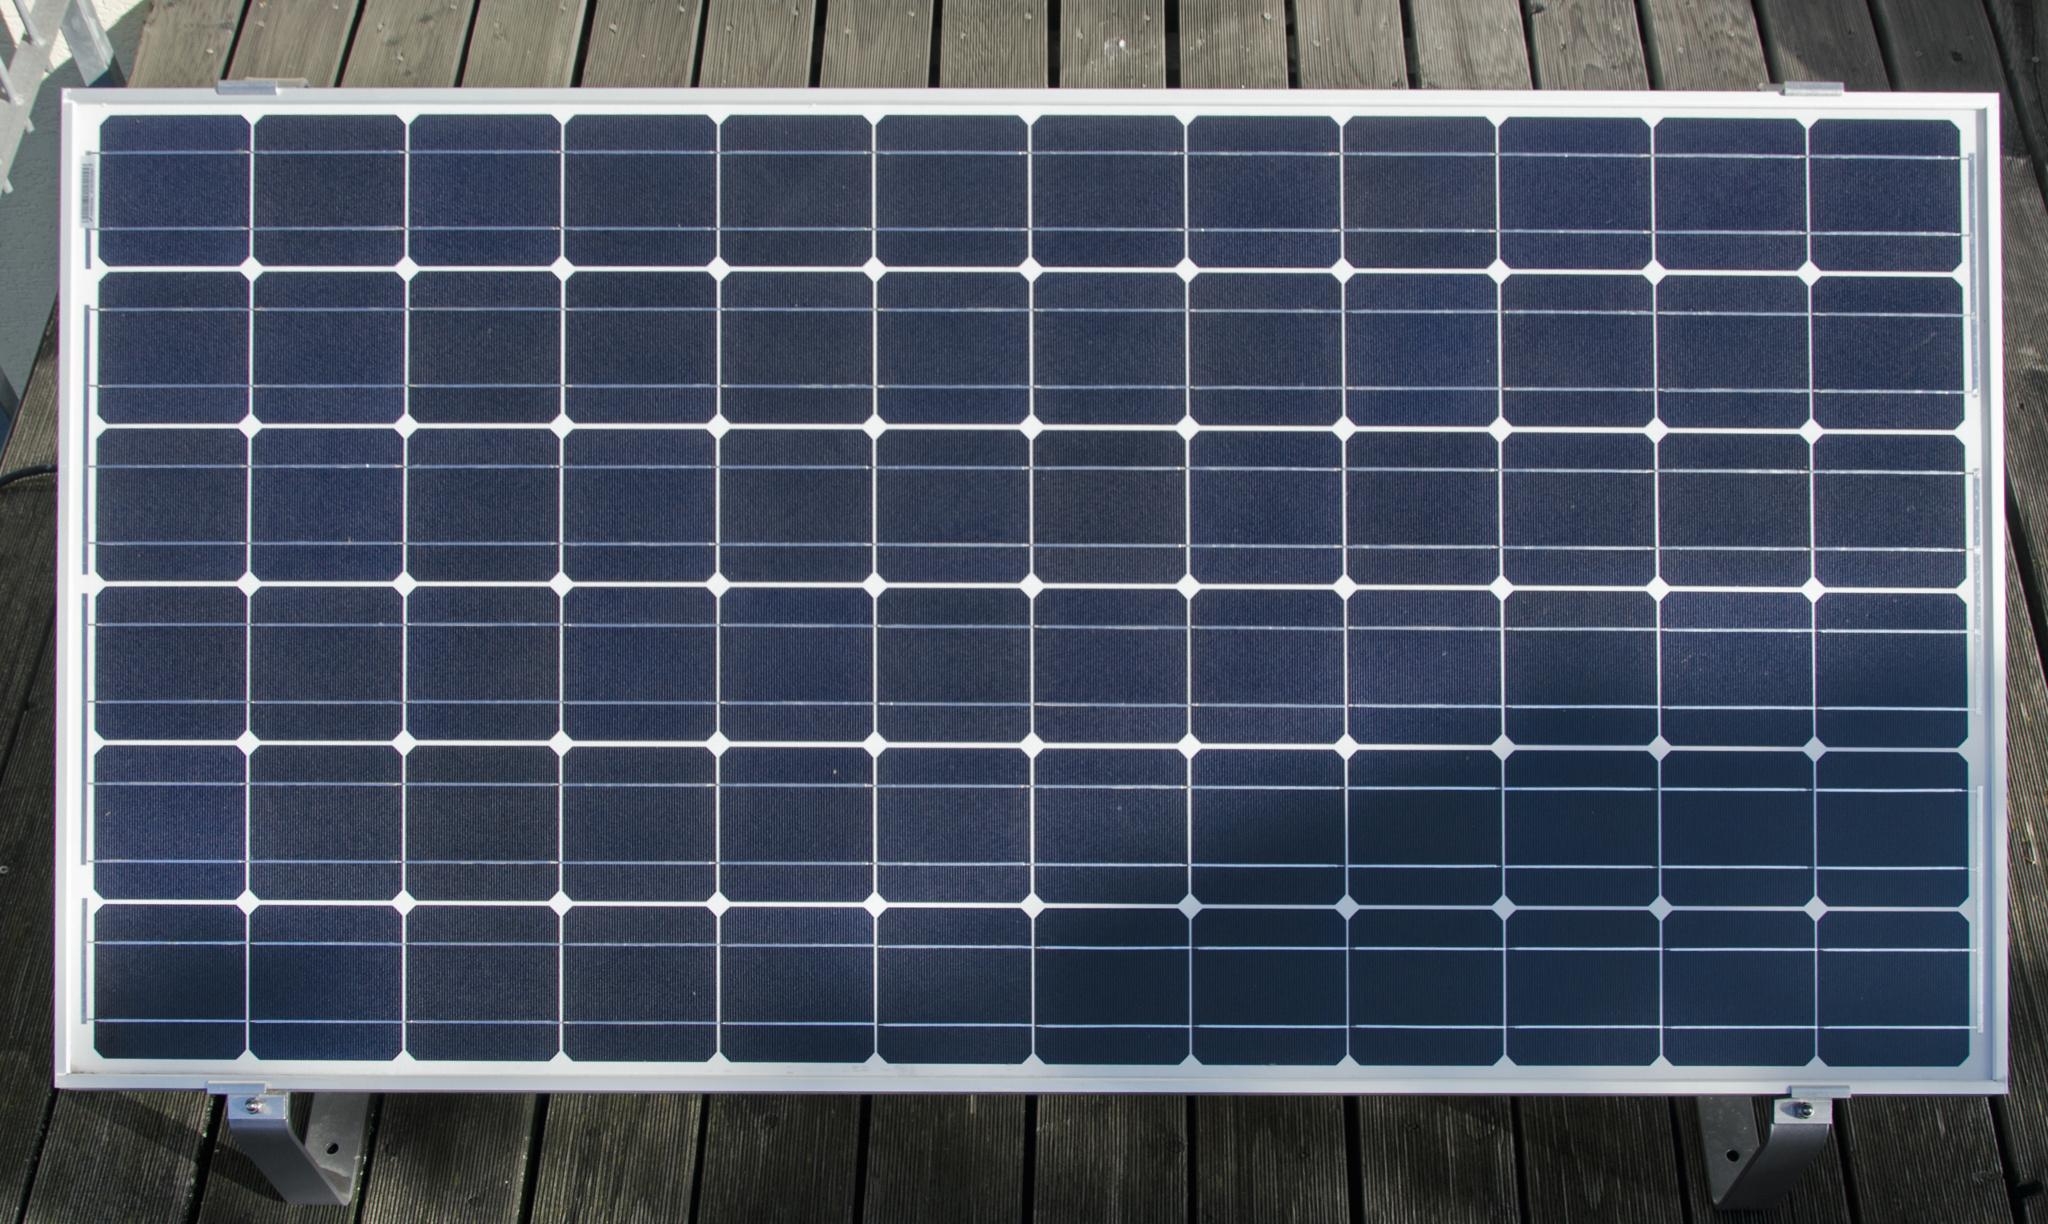 wie teuer ist eine solaranlage cheap inselanlage komponenten with wie teuer ist eine. Black Bedroom Furniture Sets. Home Design Ideas